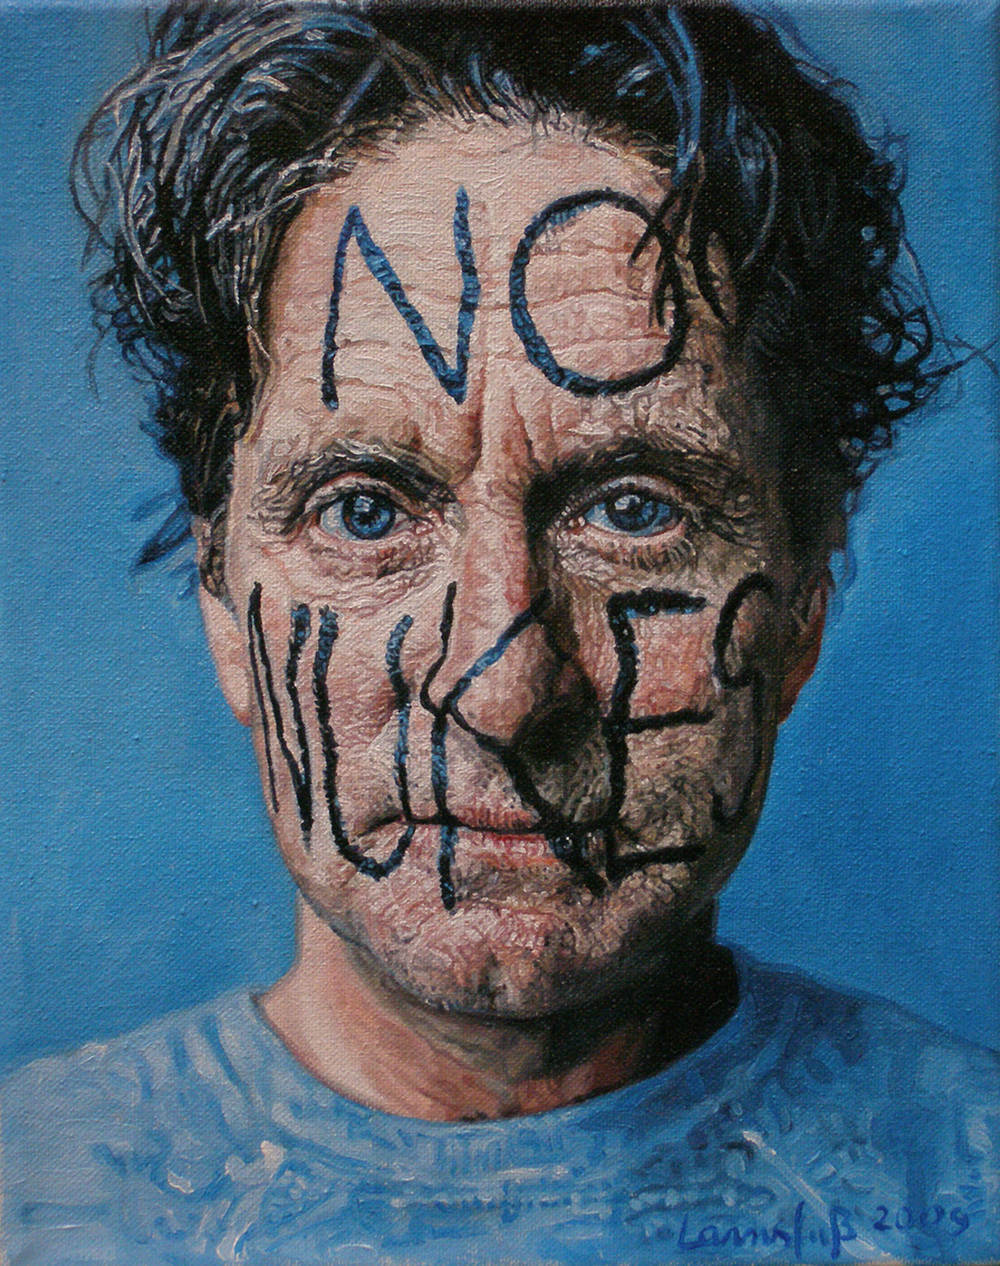 Ulrich Lamsfuss   Peggy Sigota, Michael Douglas–No Nukes (Jalouse, Dez 2000 - Jan 2001) , 2009 oil on canvas 12.01 x 9.65 inches 30.5 x 24.5 cm